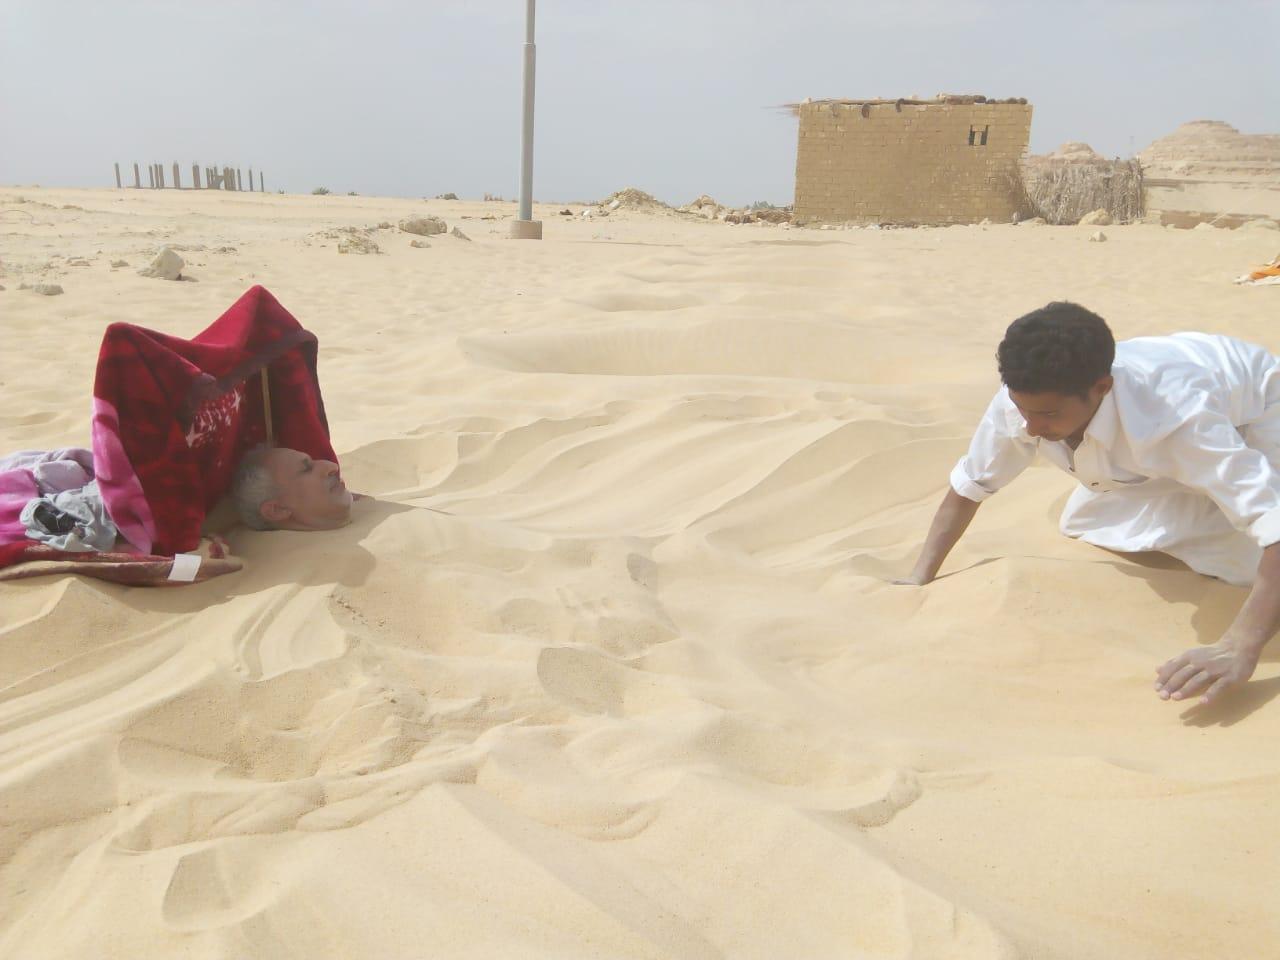 دفن أحد المرضى فى رمال سيوة والحفر جاهزة لاستقبال آخرين